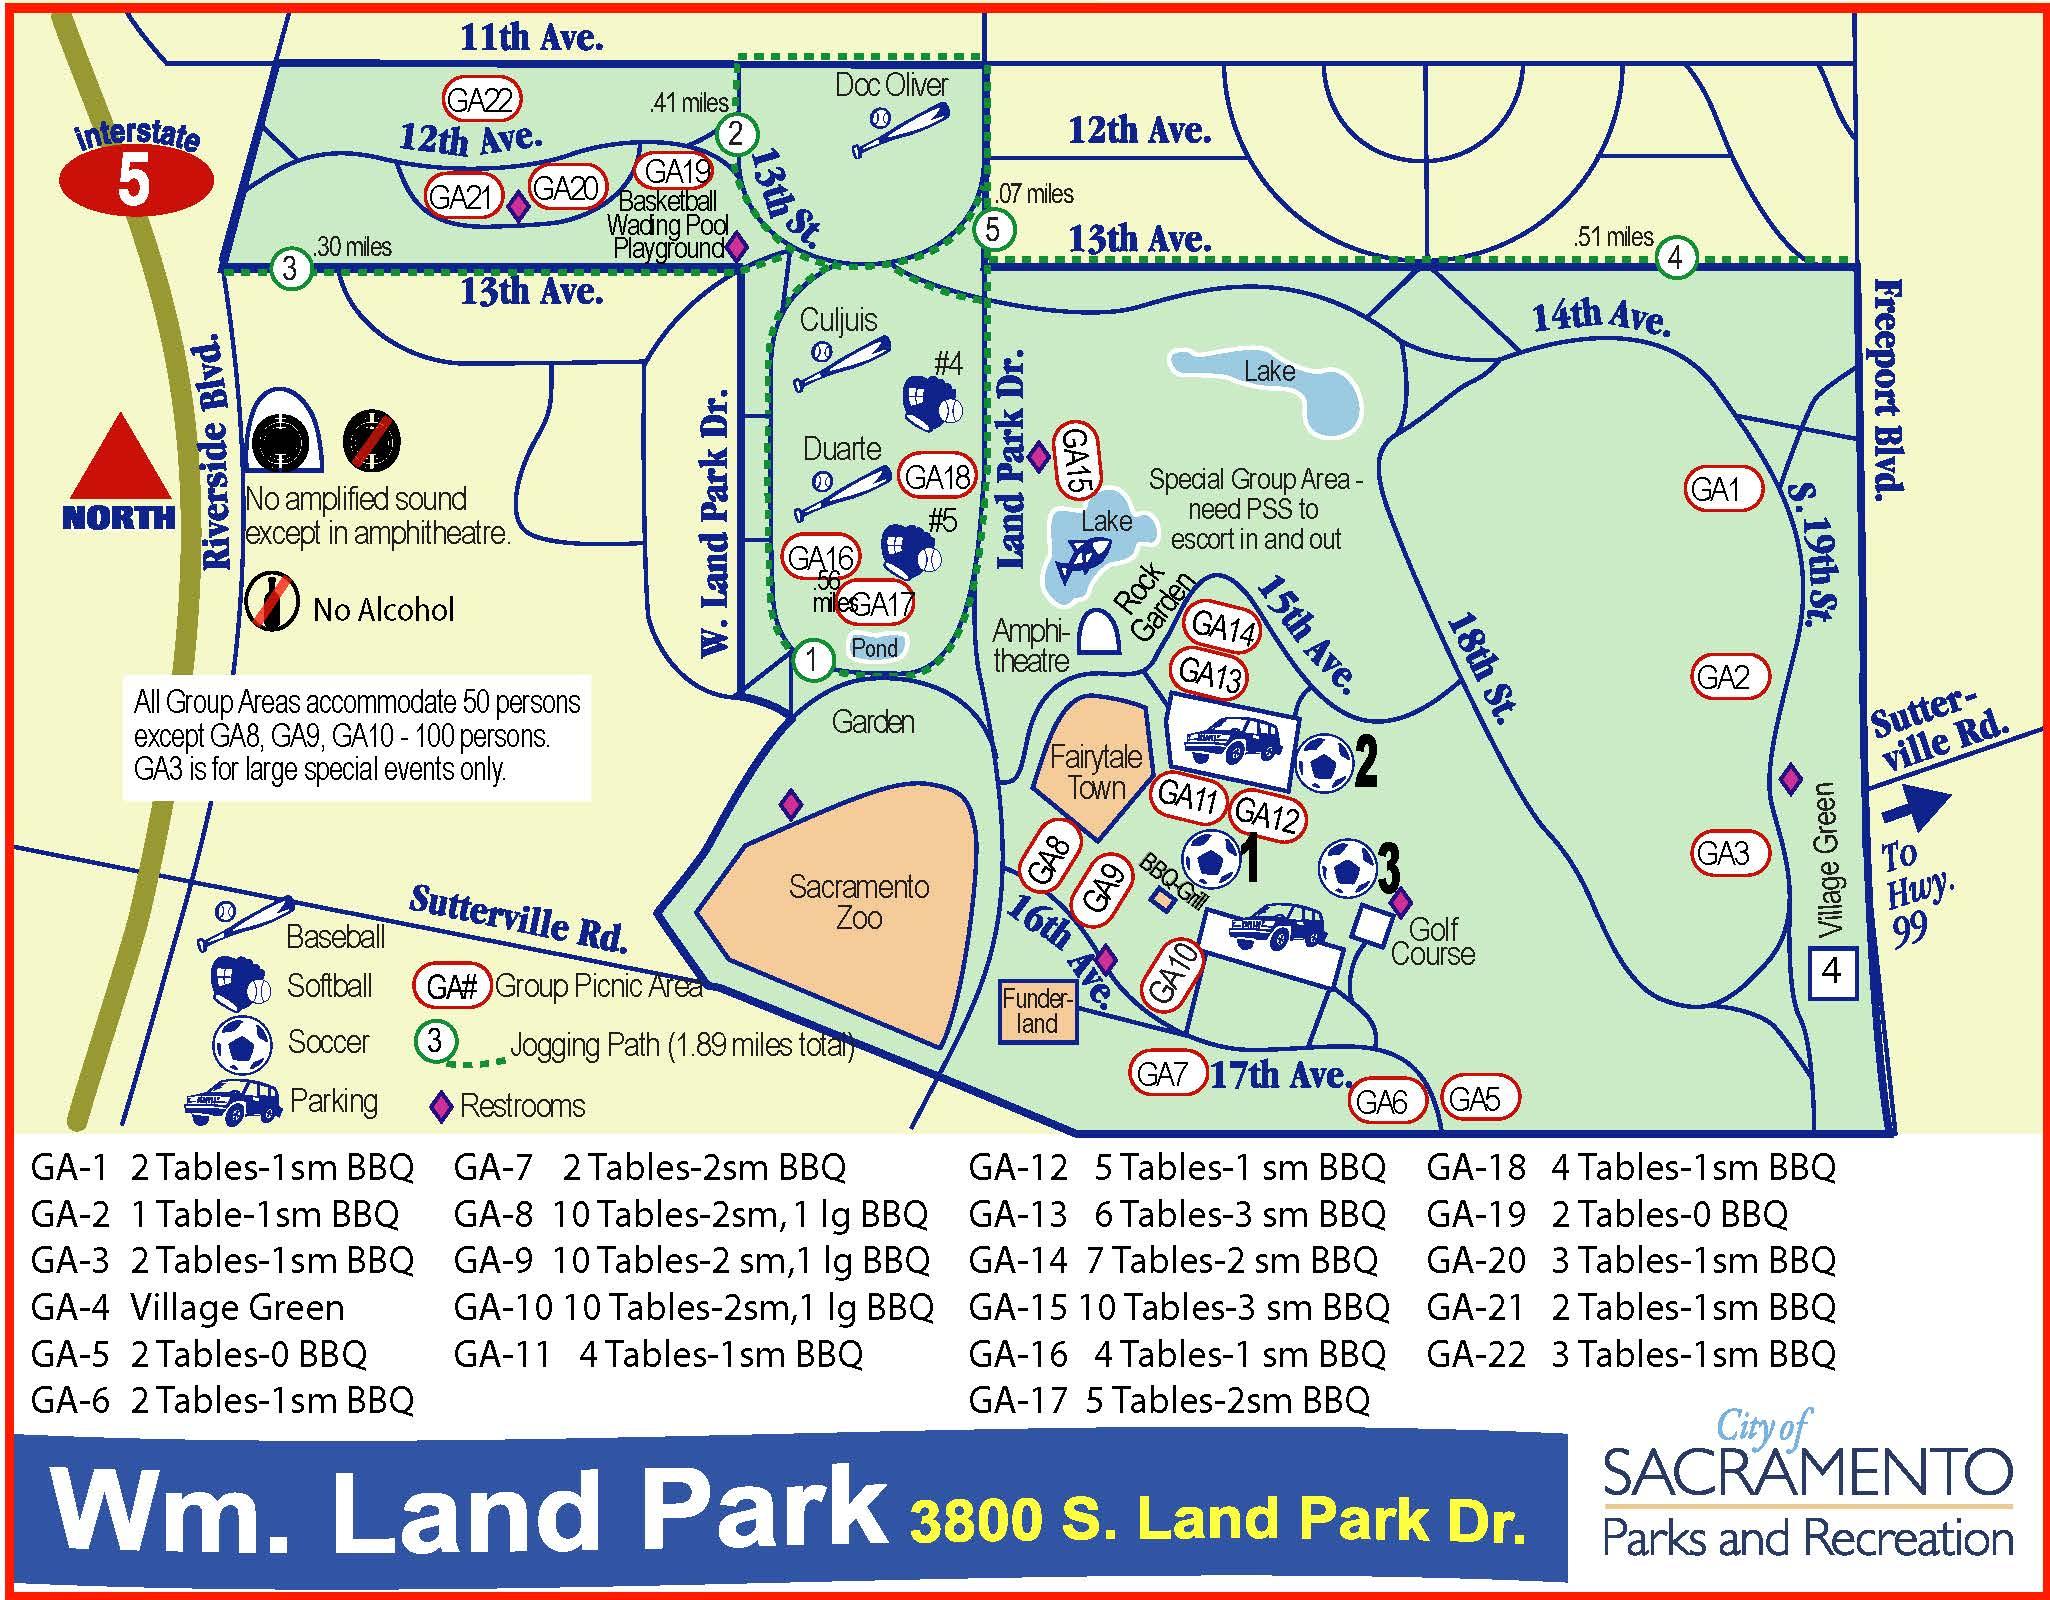 William Land Regional Park City of Sacramento